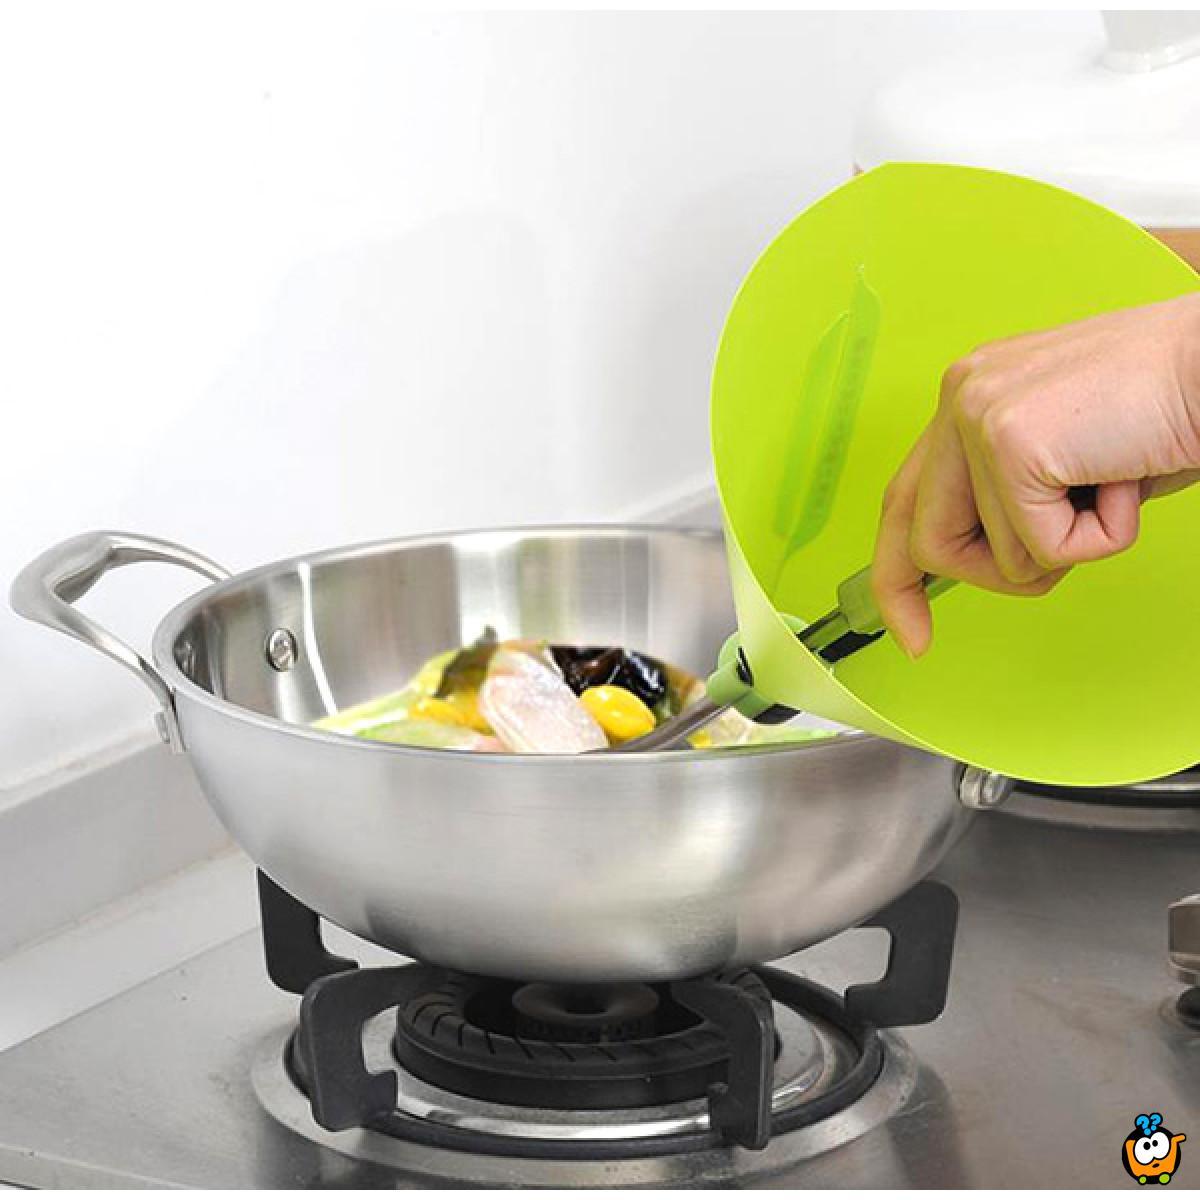 Zaštitnik ruku pri prženju hrane u obliku levka